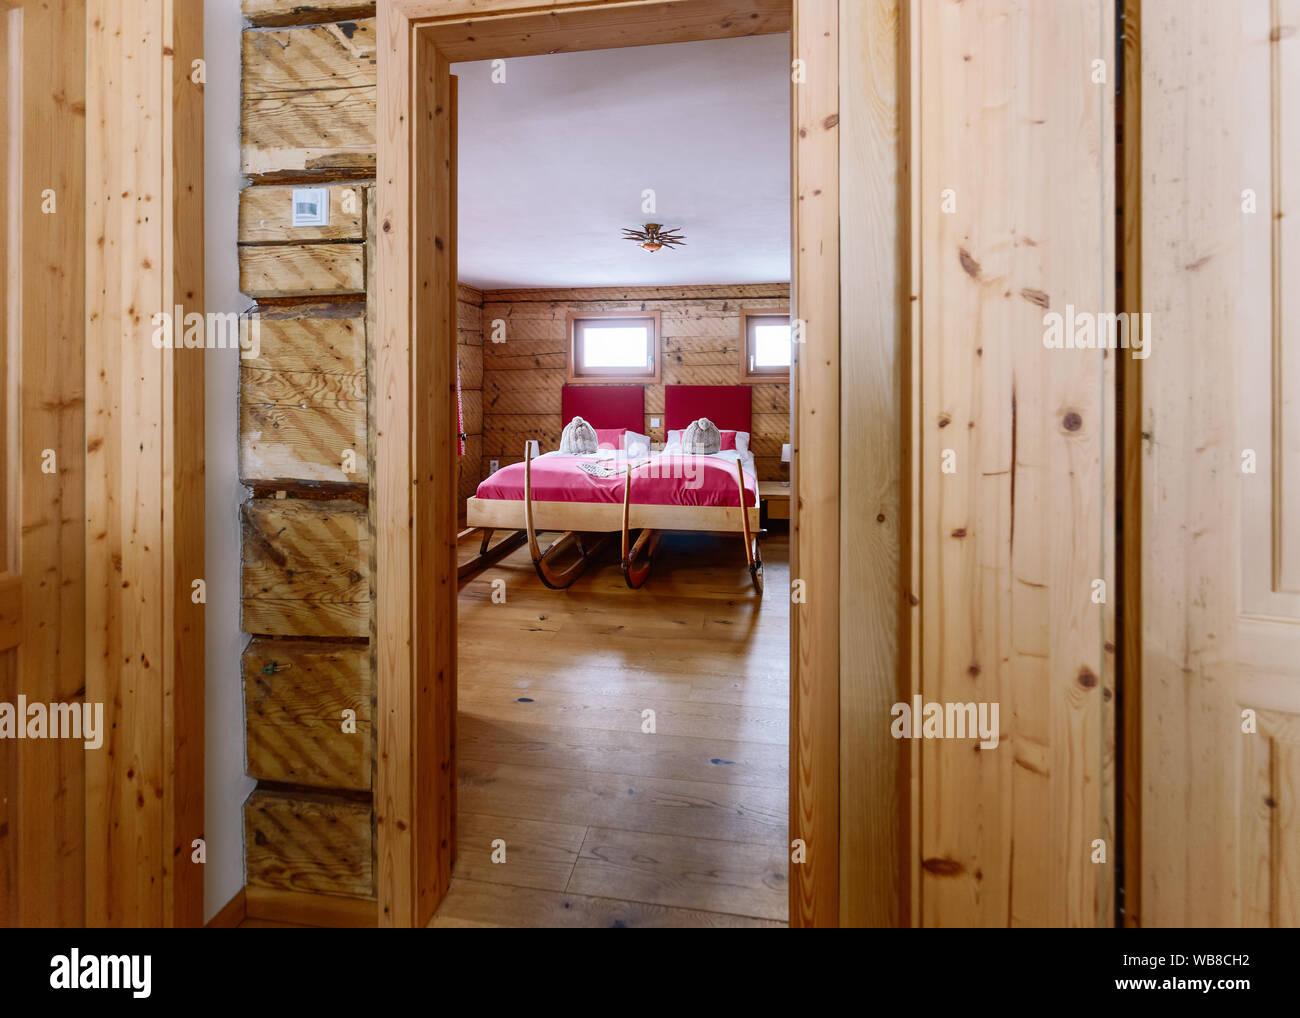 Interior At Bedroom Modern Design Of Pink Bed Wooden